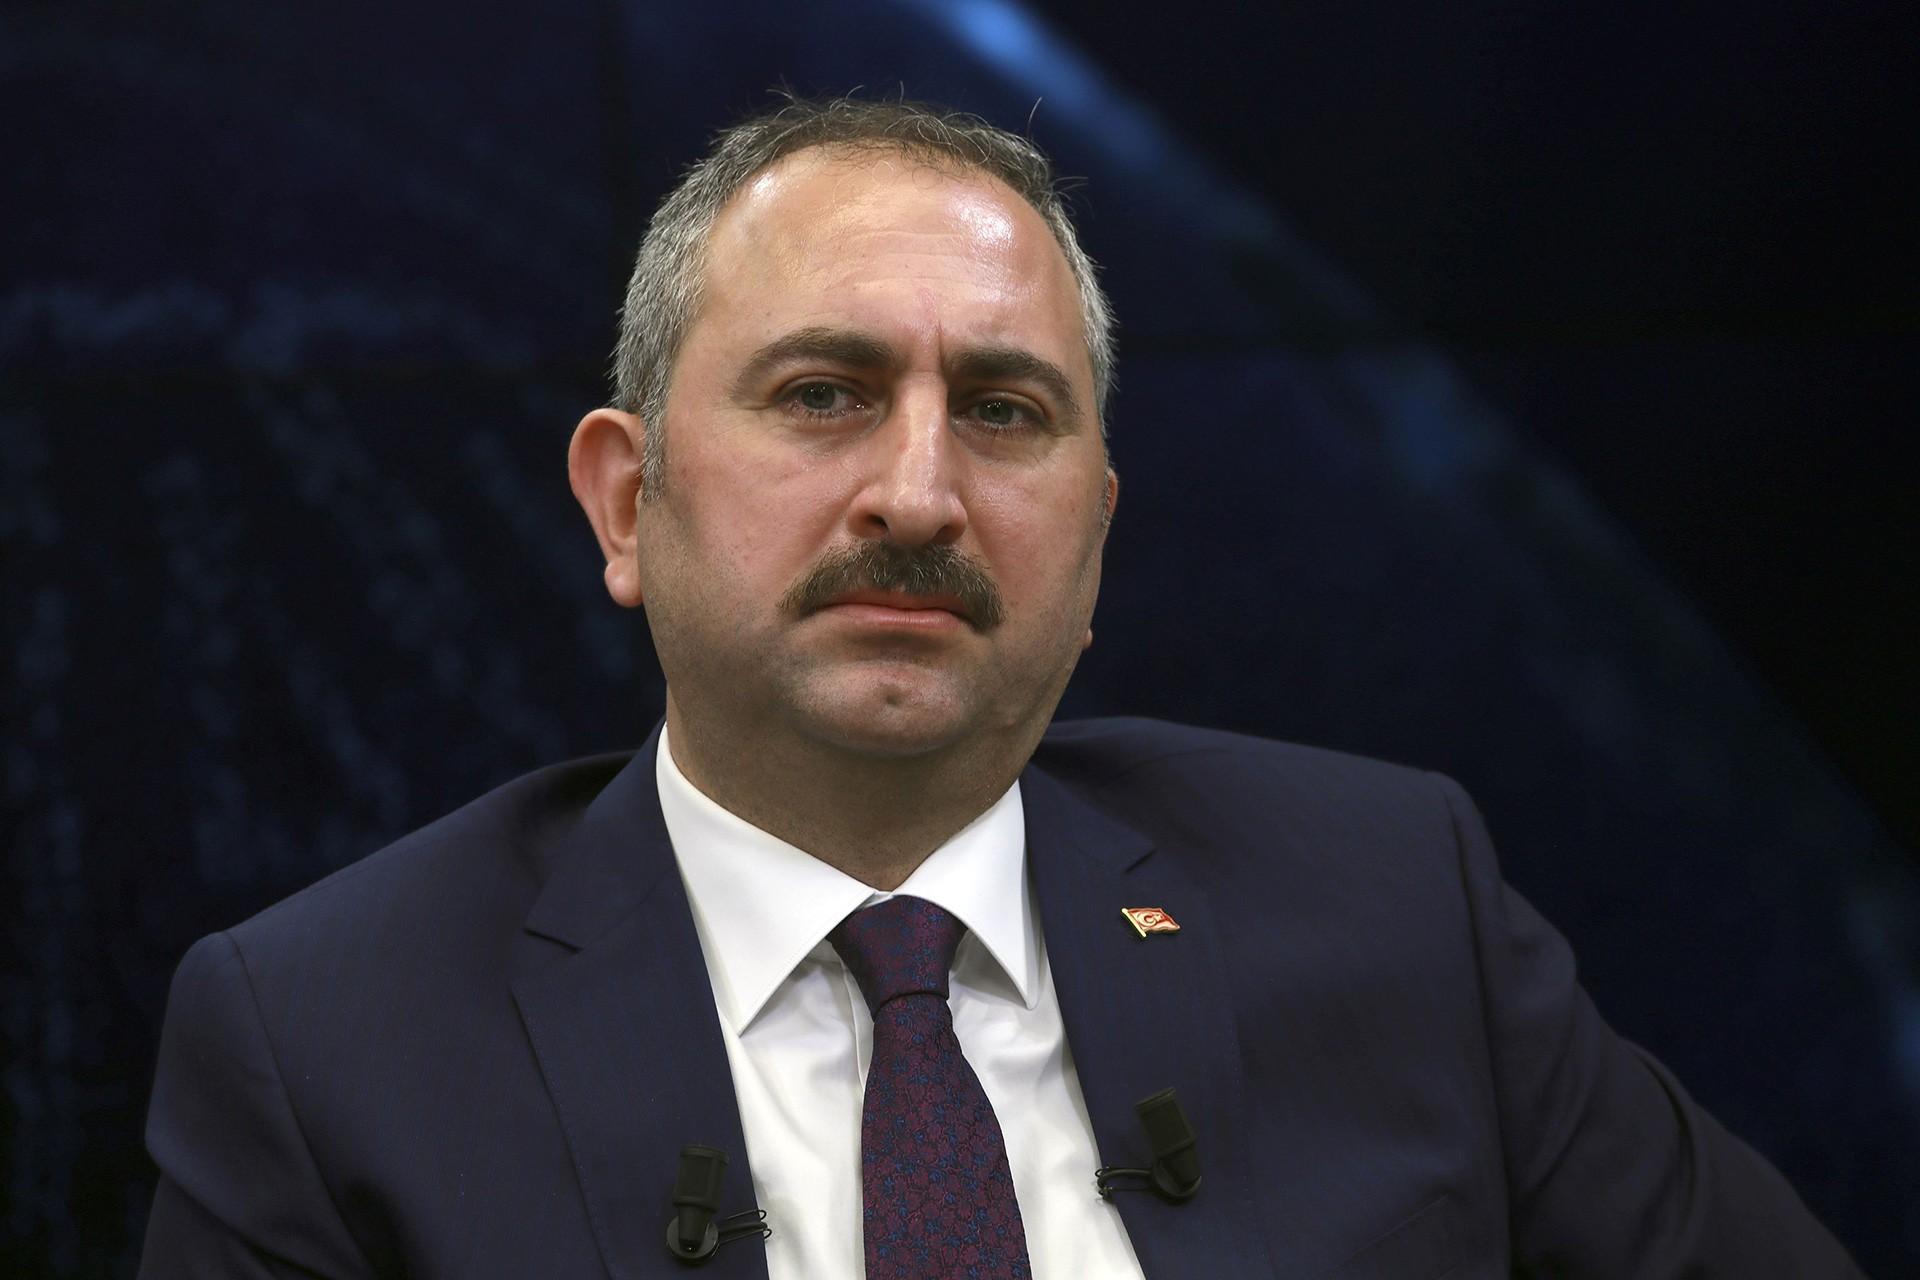 Adalet Bakanı Gül: Kadri Gürsel'e kelepçe kabul edilir değil